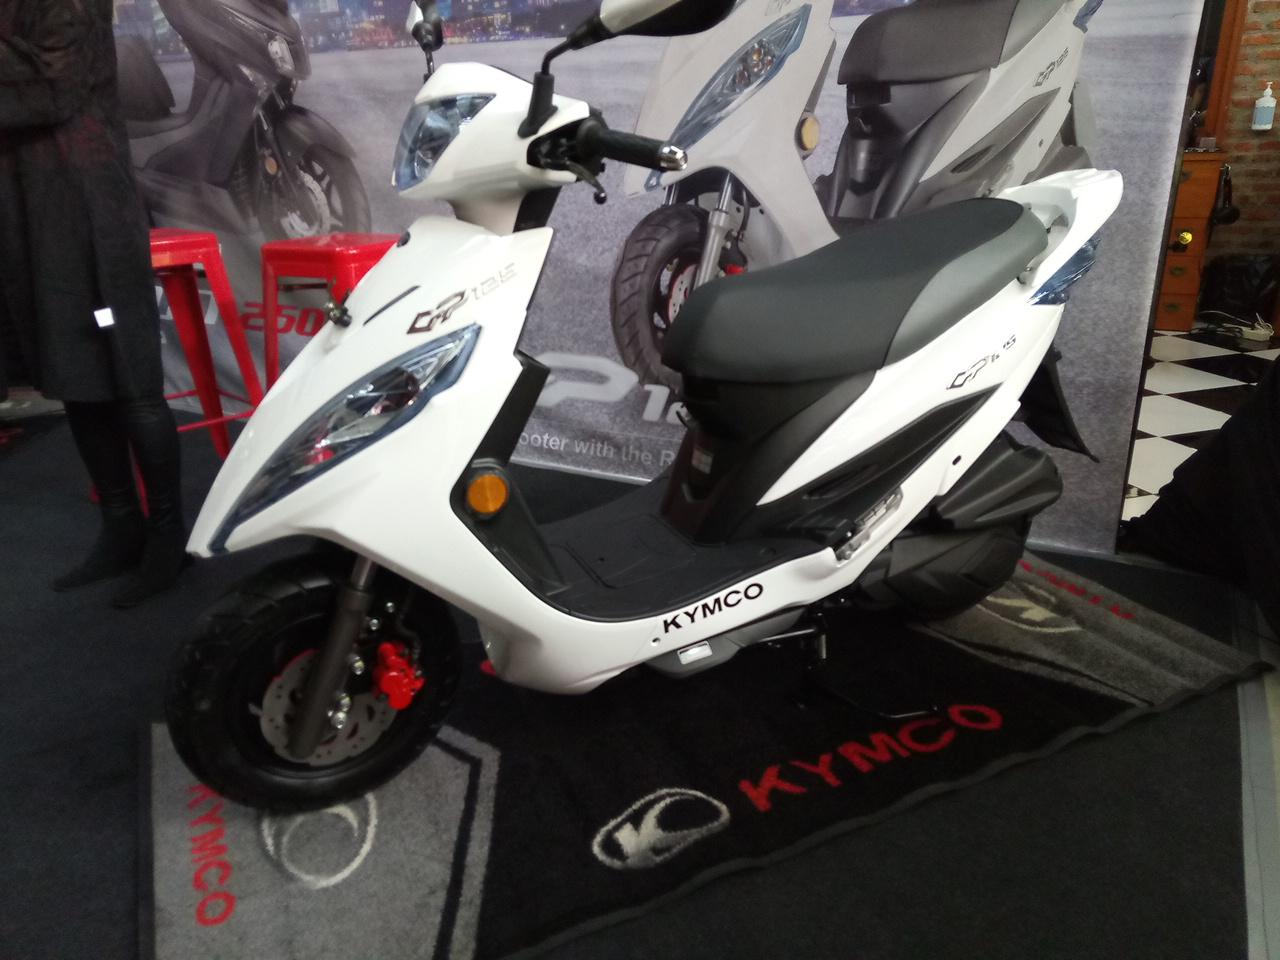 Kymco GP125 dan X-Town